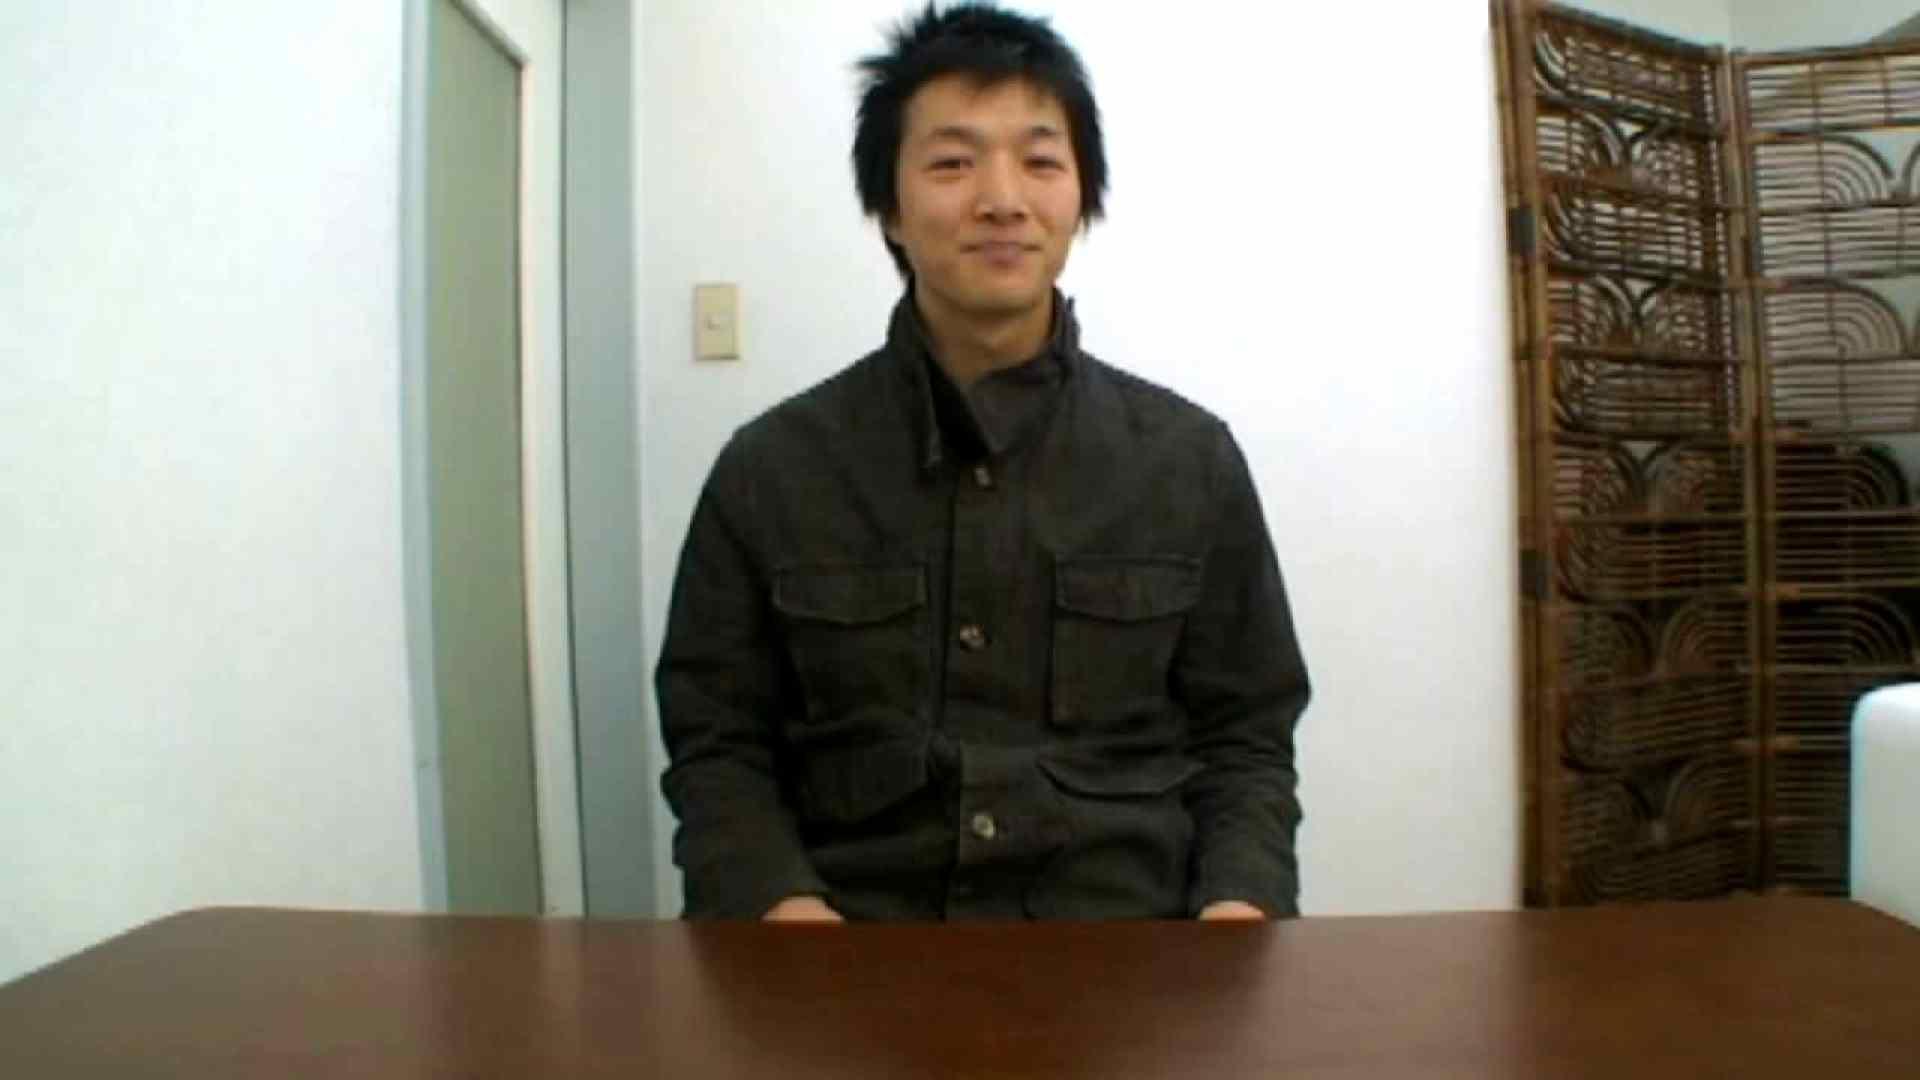 ノンケ!自慰スタジオ No.16 オナニー専門男子 男同士画像 91画像 32